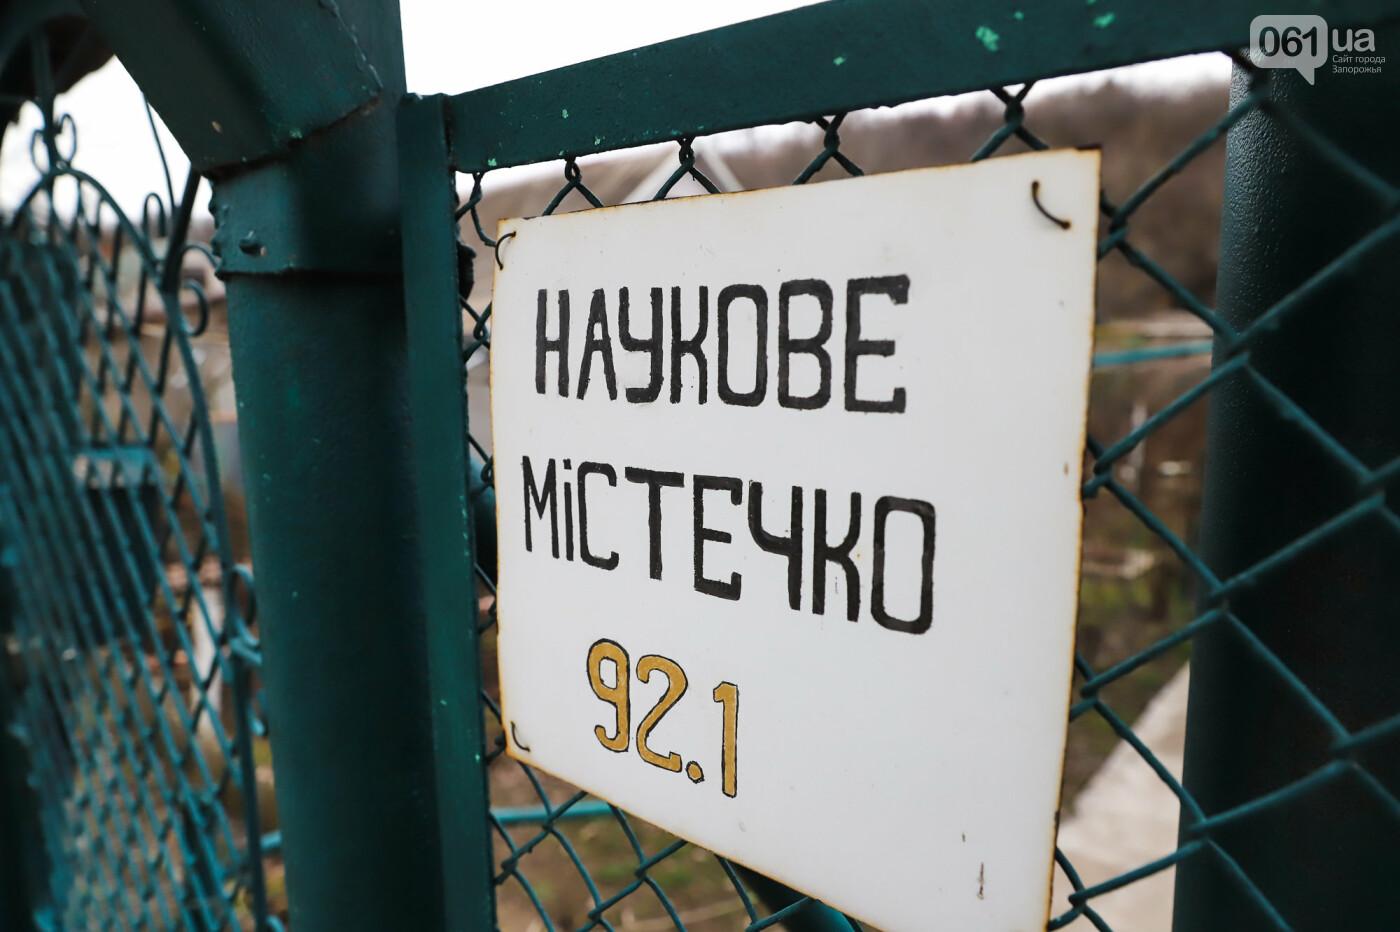 «В плену у заповедника»: как на Хортице живут люди без права на приватизацию жилья, - ФОТОРЕПОРТАЖ , фото-9